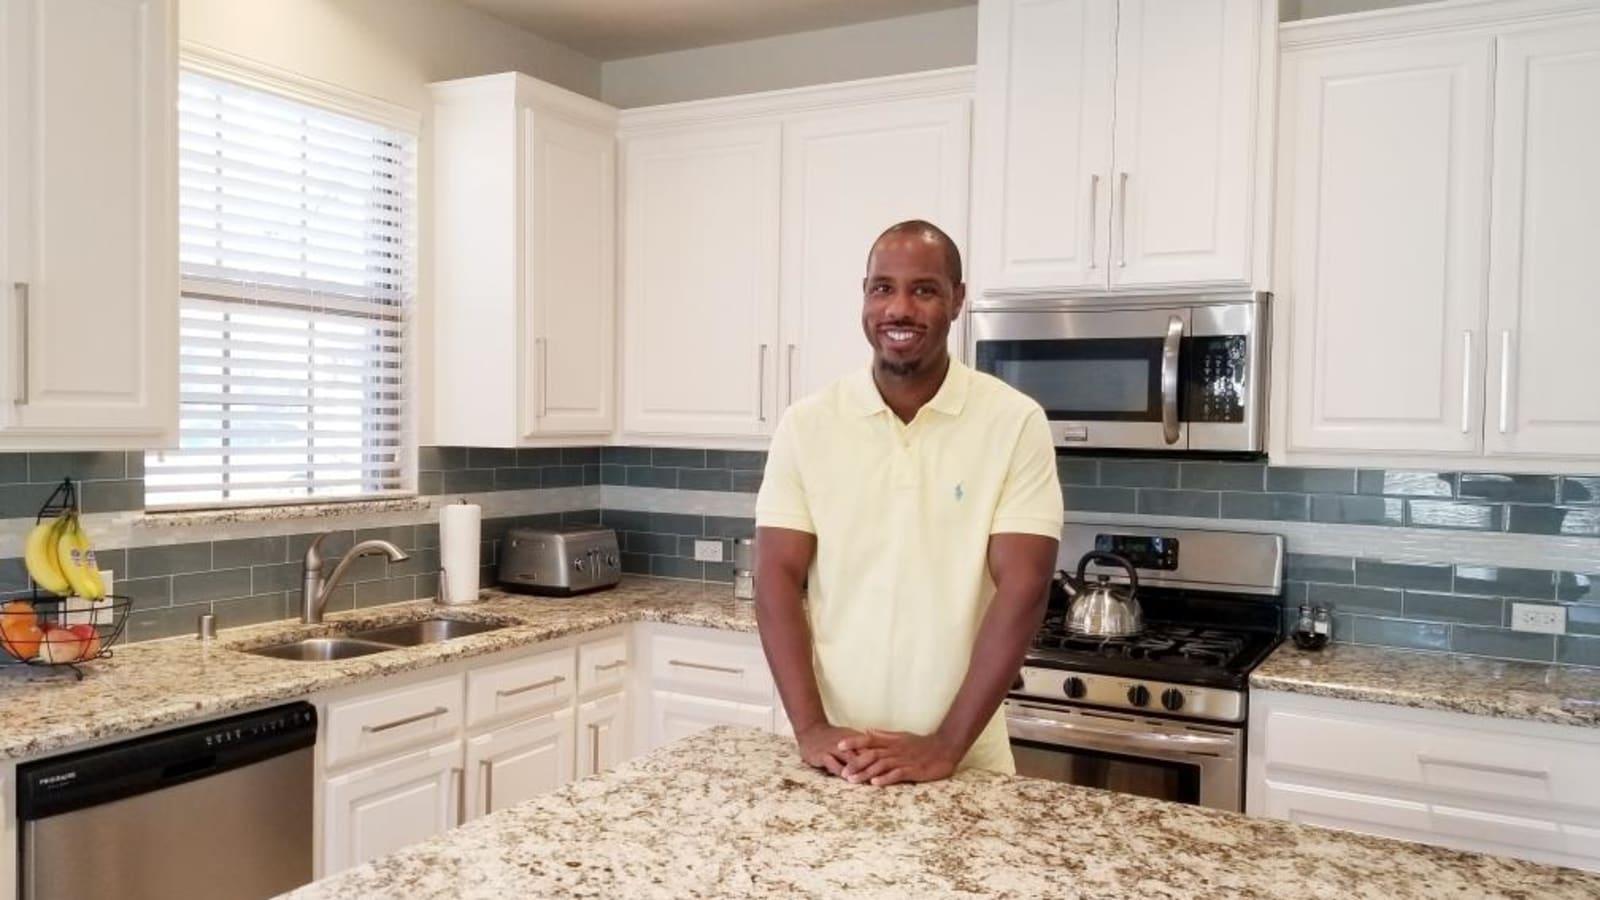 Người đàn ông mua đứt căn nhà 7 tỷ chỉ trong vòng 3 năm và bài học về cách chi tiêu tiết kiệm khôn ngoan - Ảnh 2.